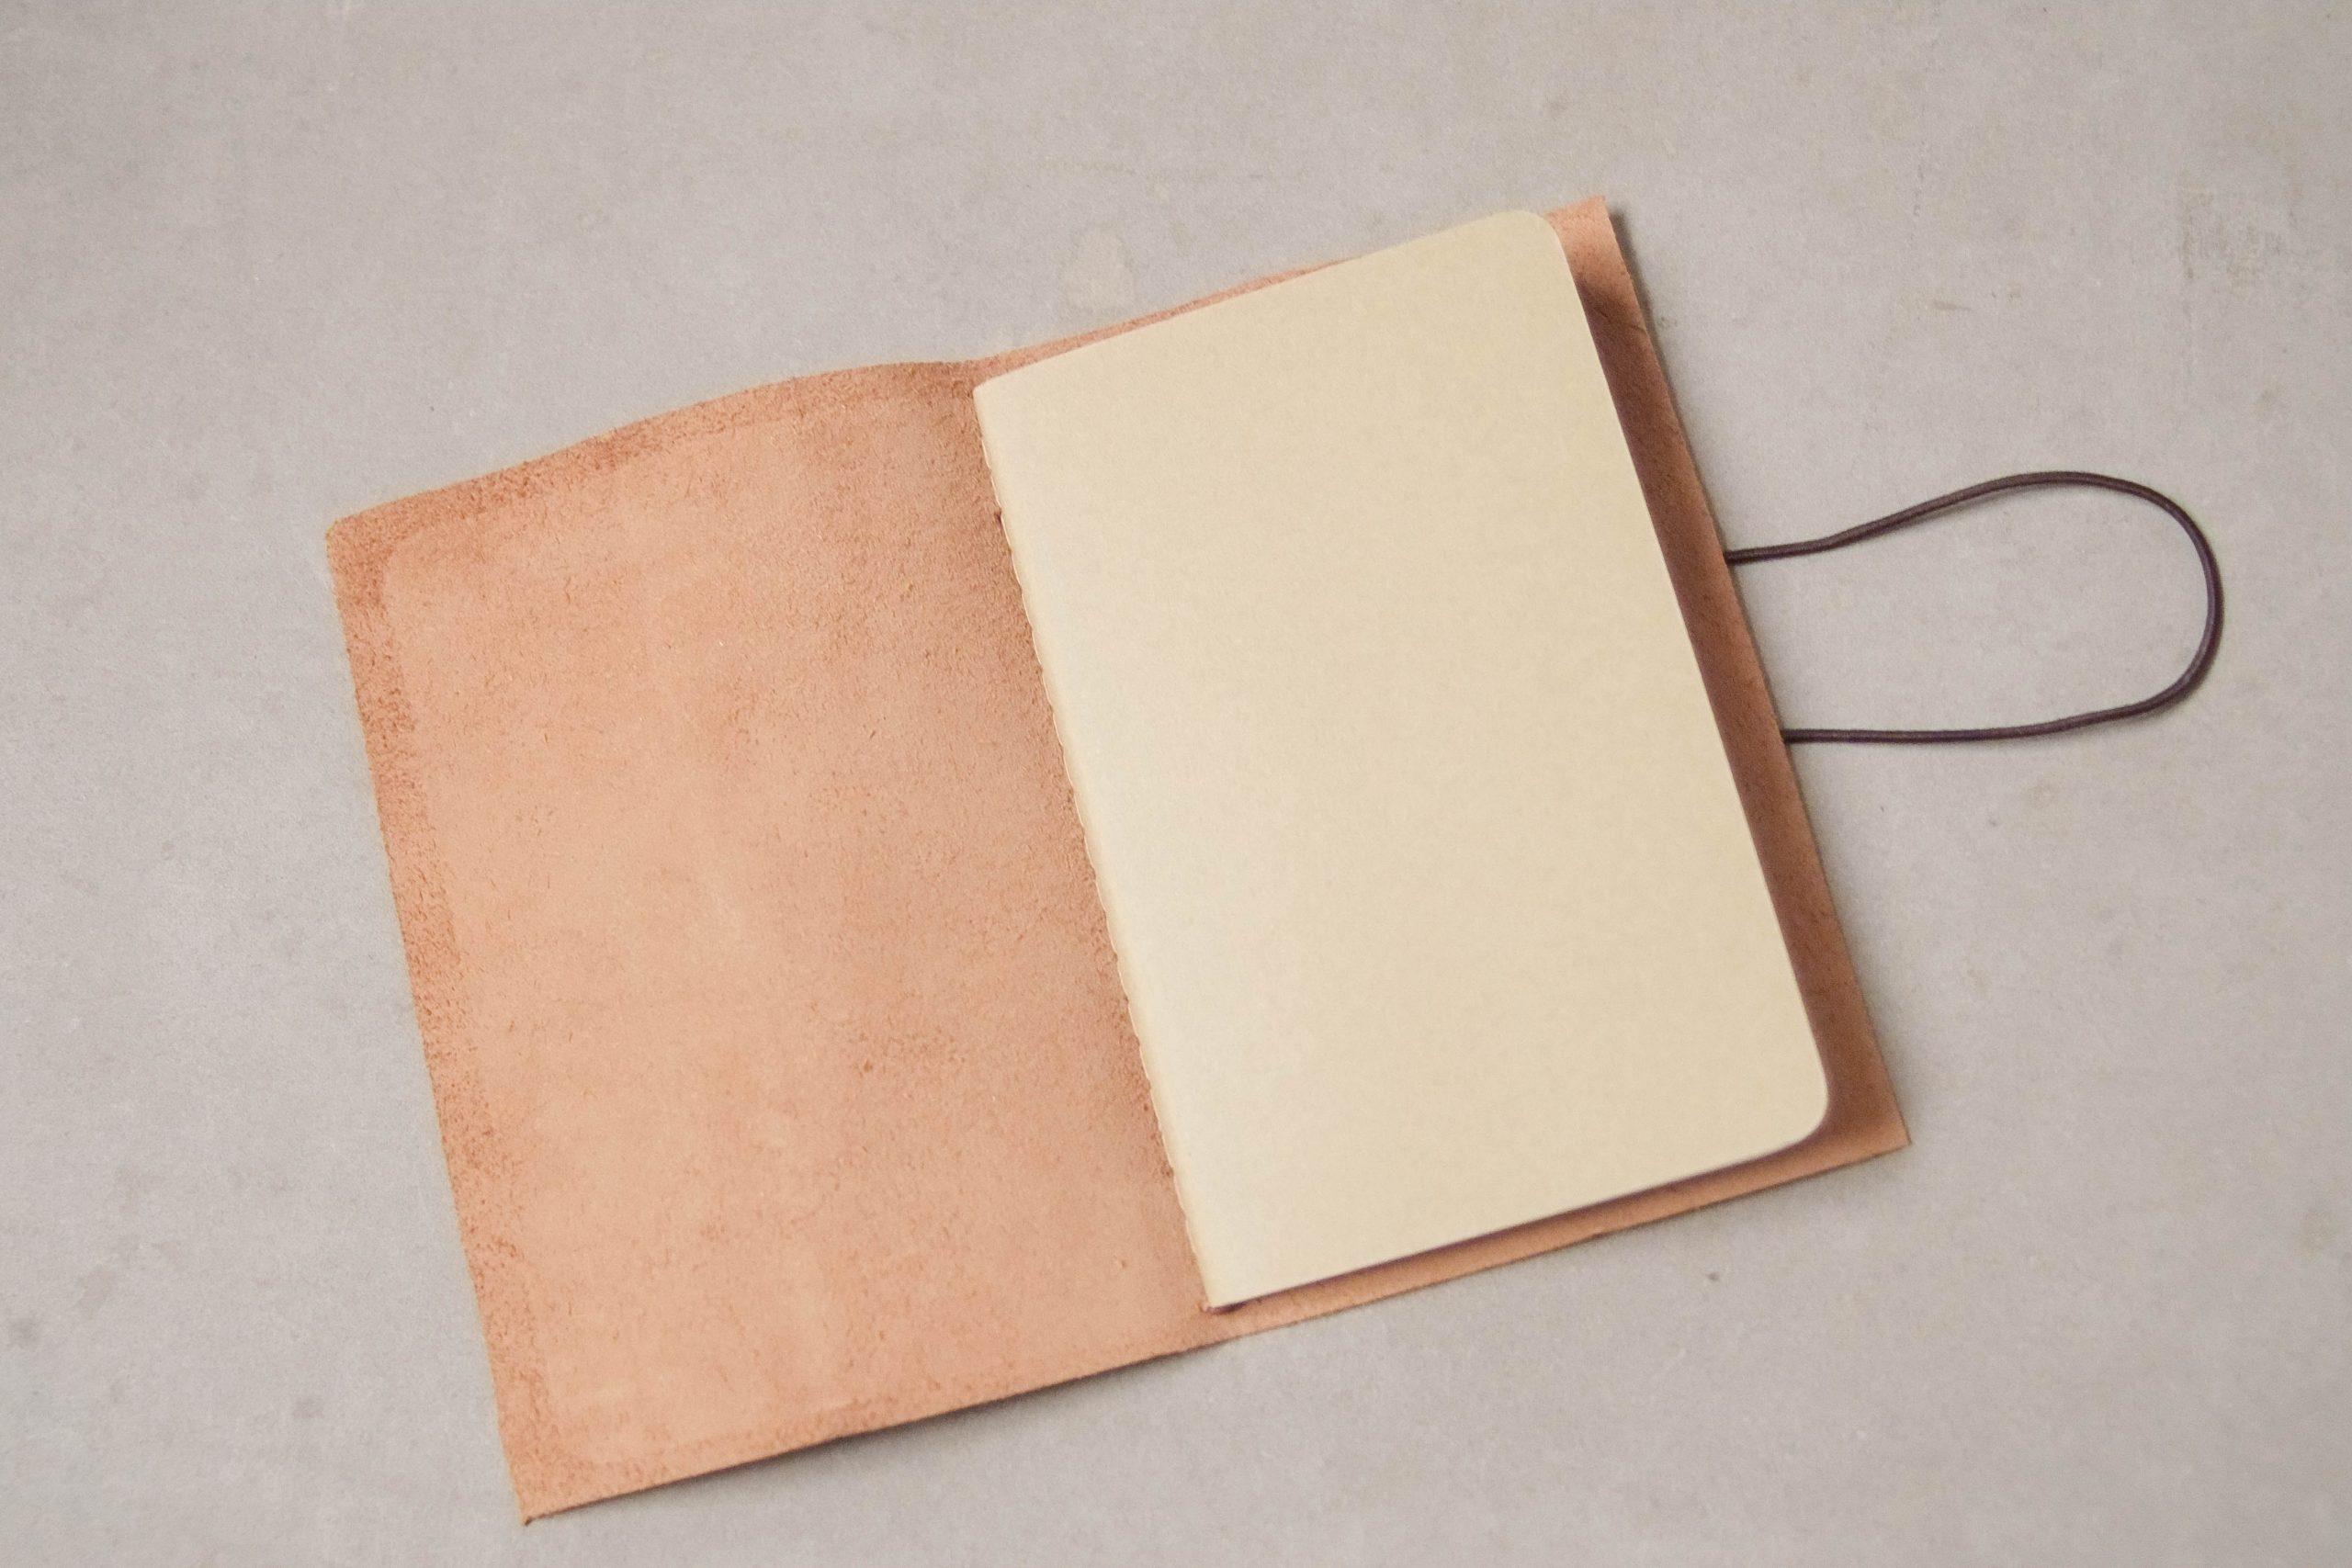 cuaderno de piel hecho a mano de diseño libreta pepita de oliva